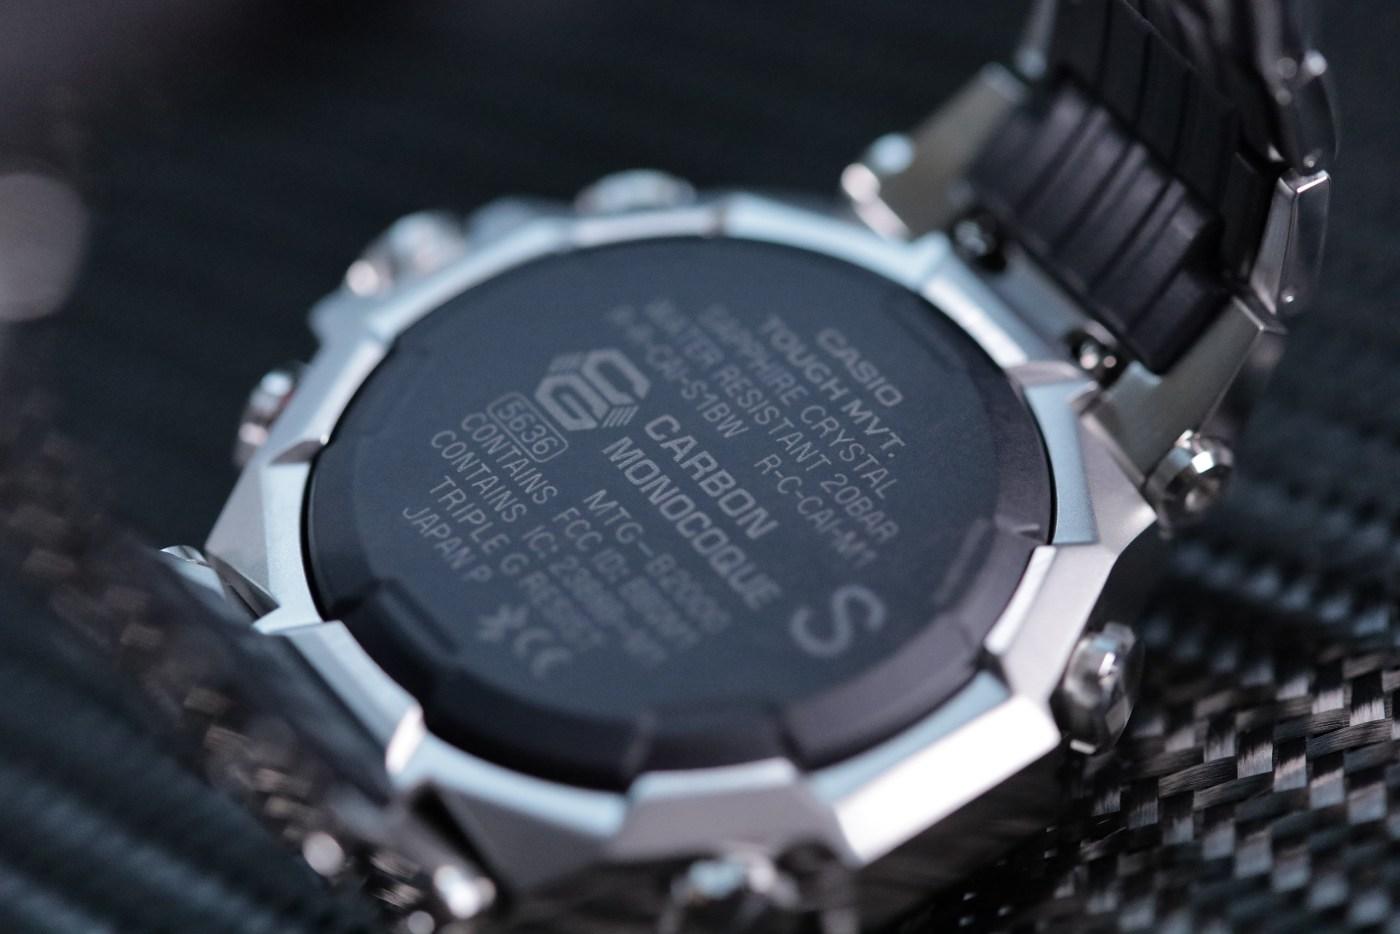 G-Shock MT-G MTGB2000D-1A caseback